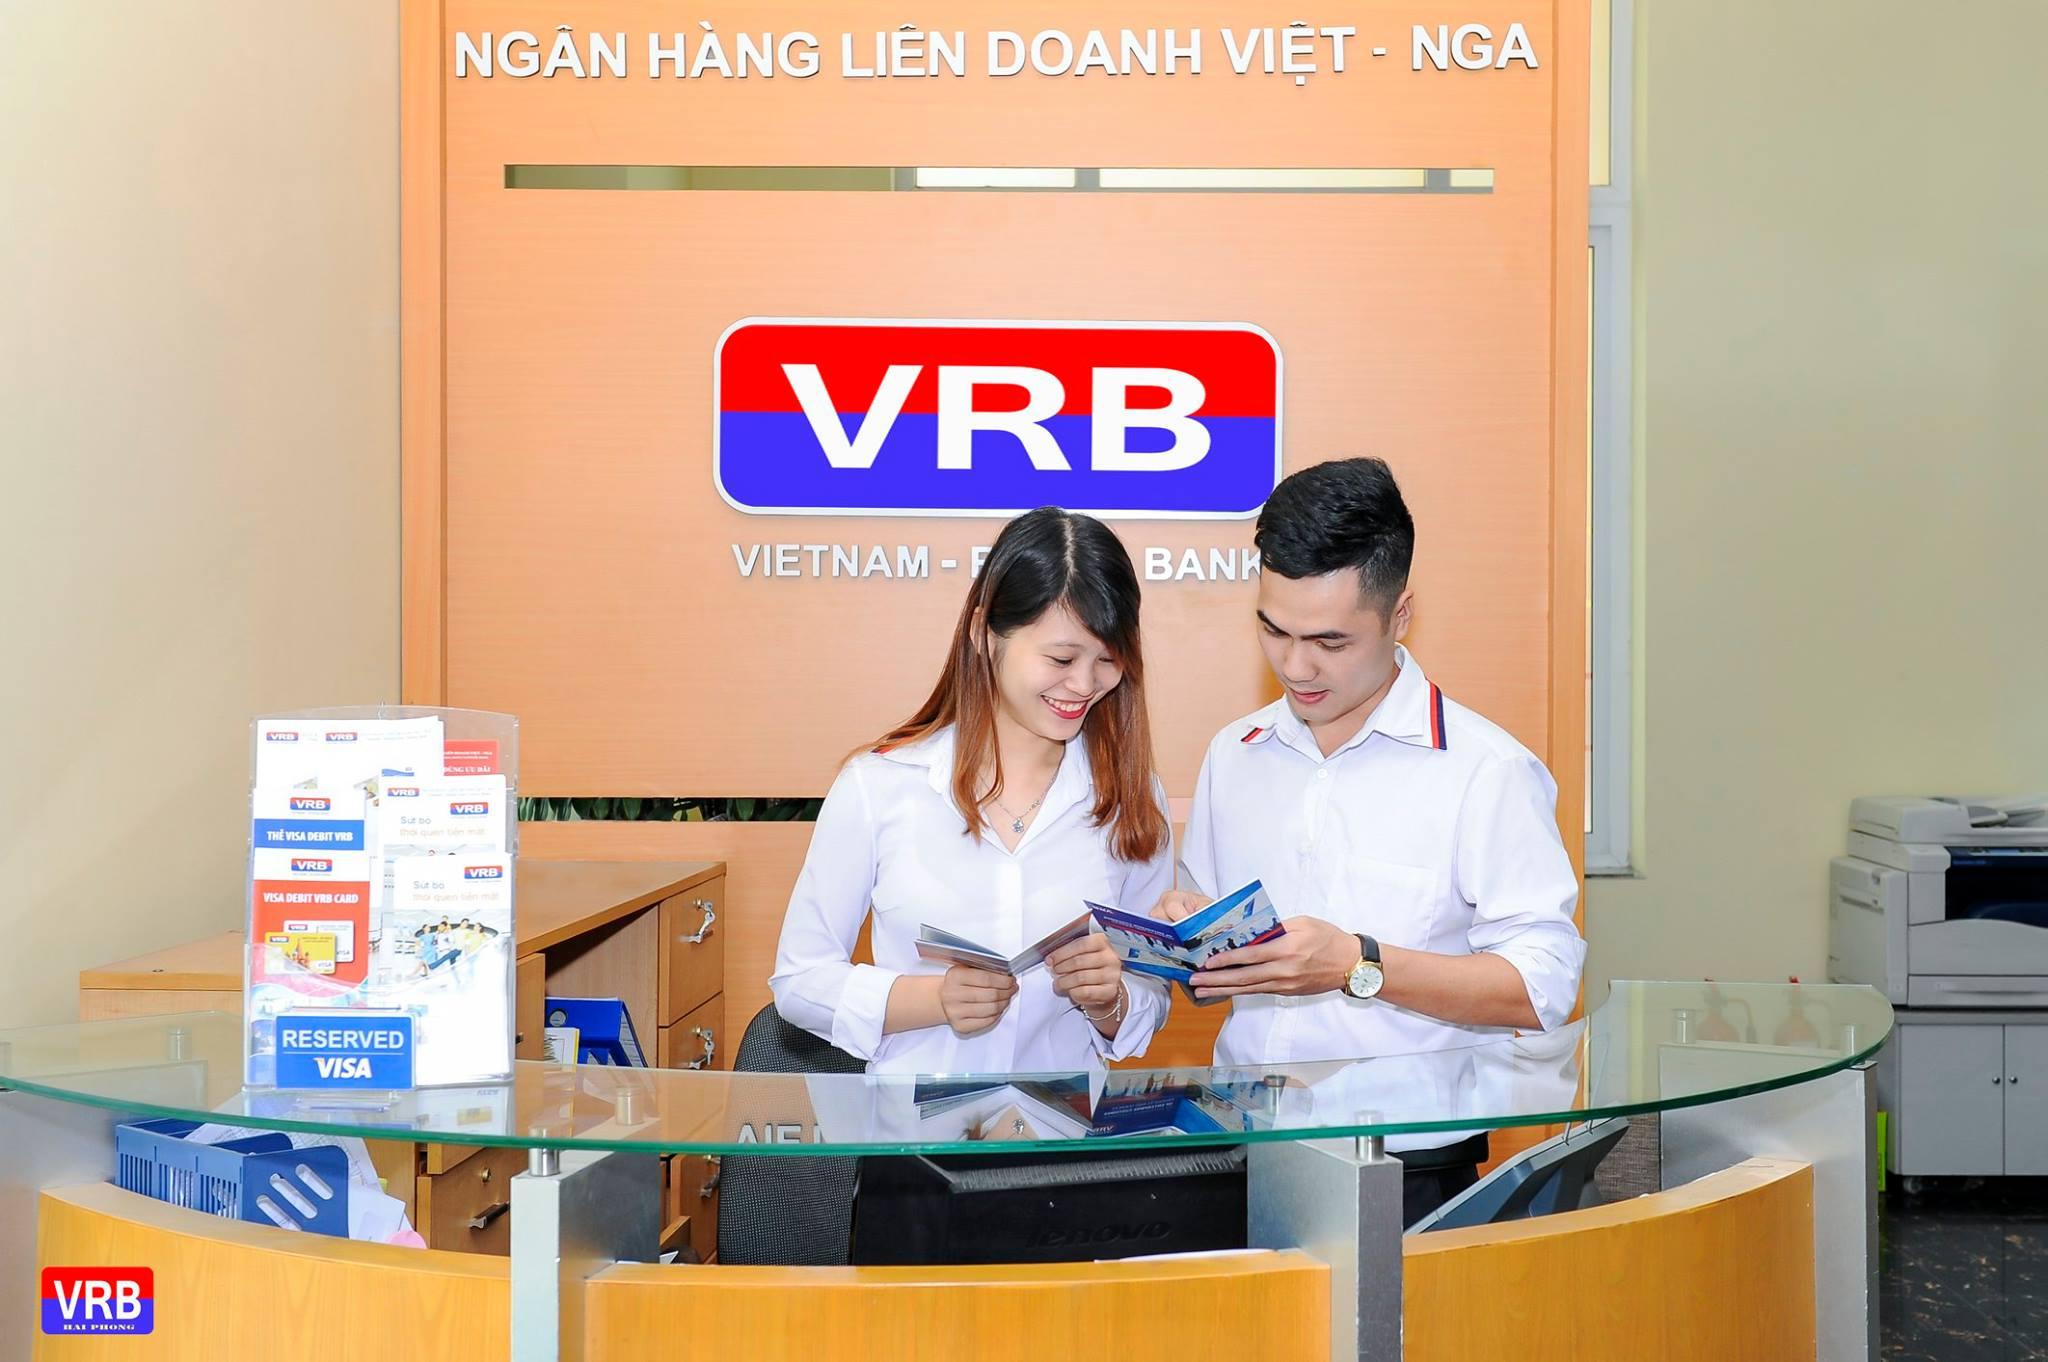 Lãi suất Ngân hàng Liên doanh Việt – Nga mới nhất tháng 4/2021 - Ảnh 1.